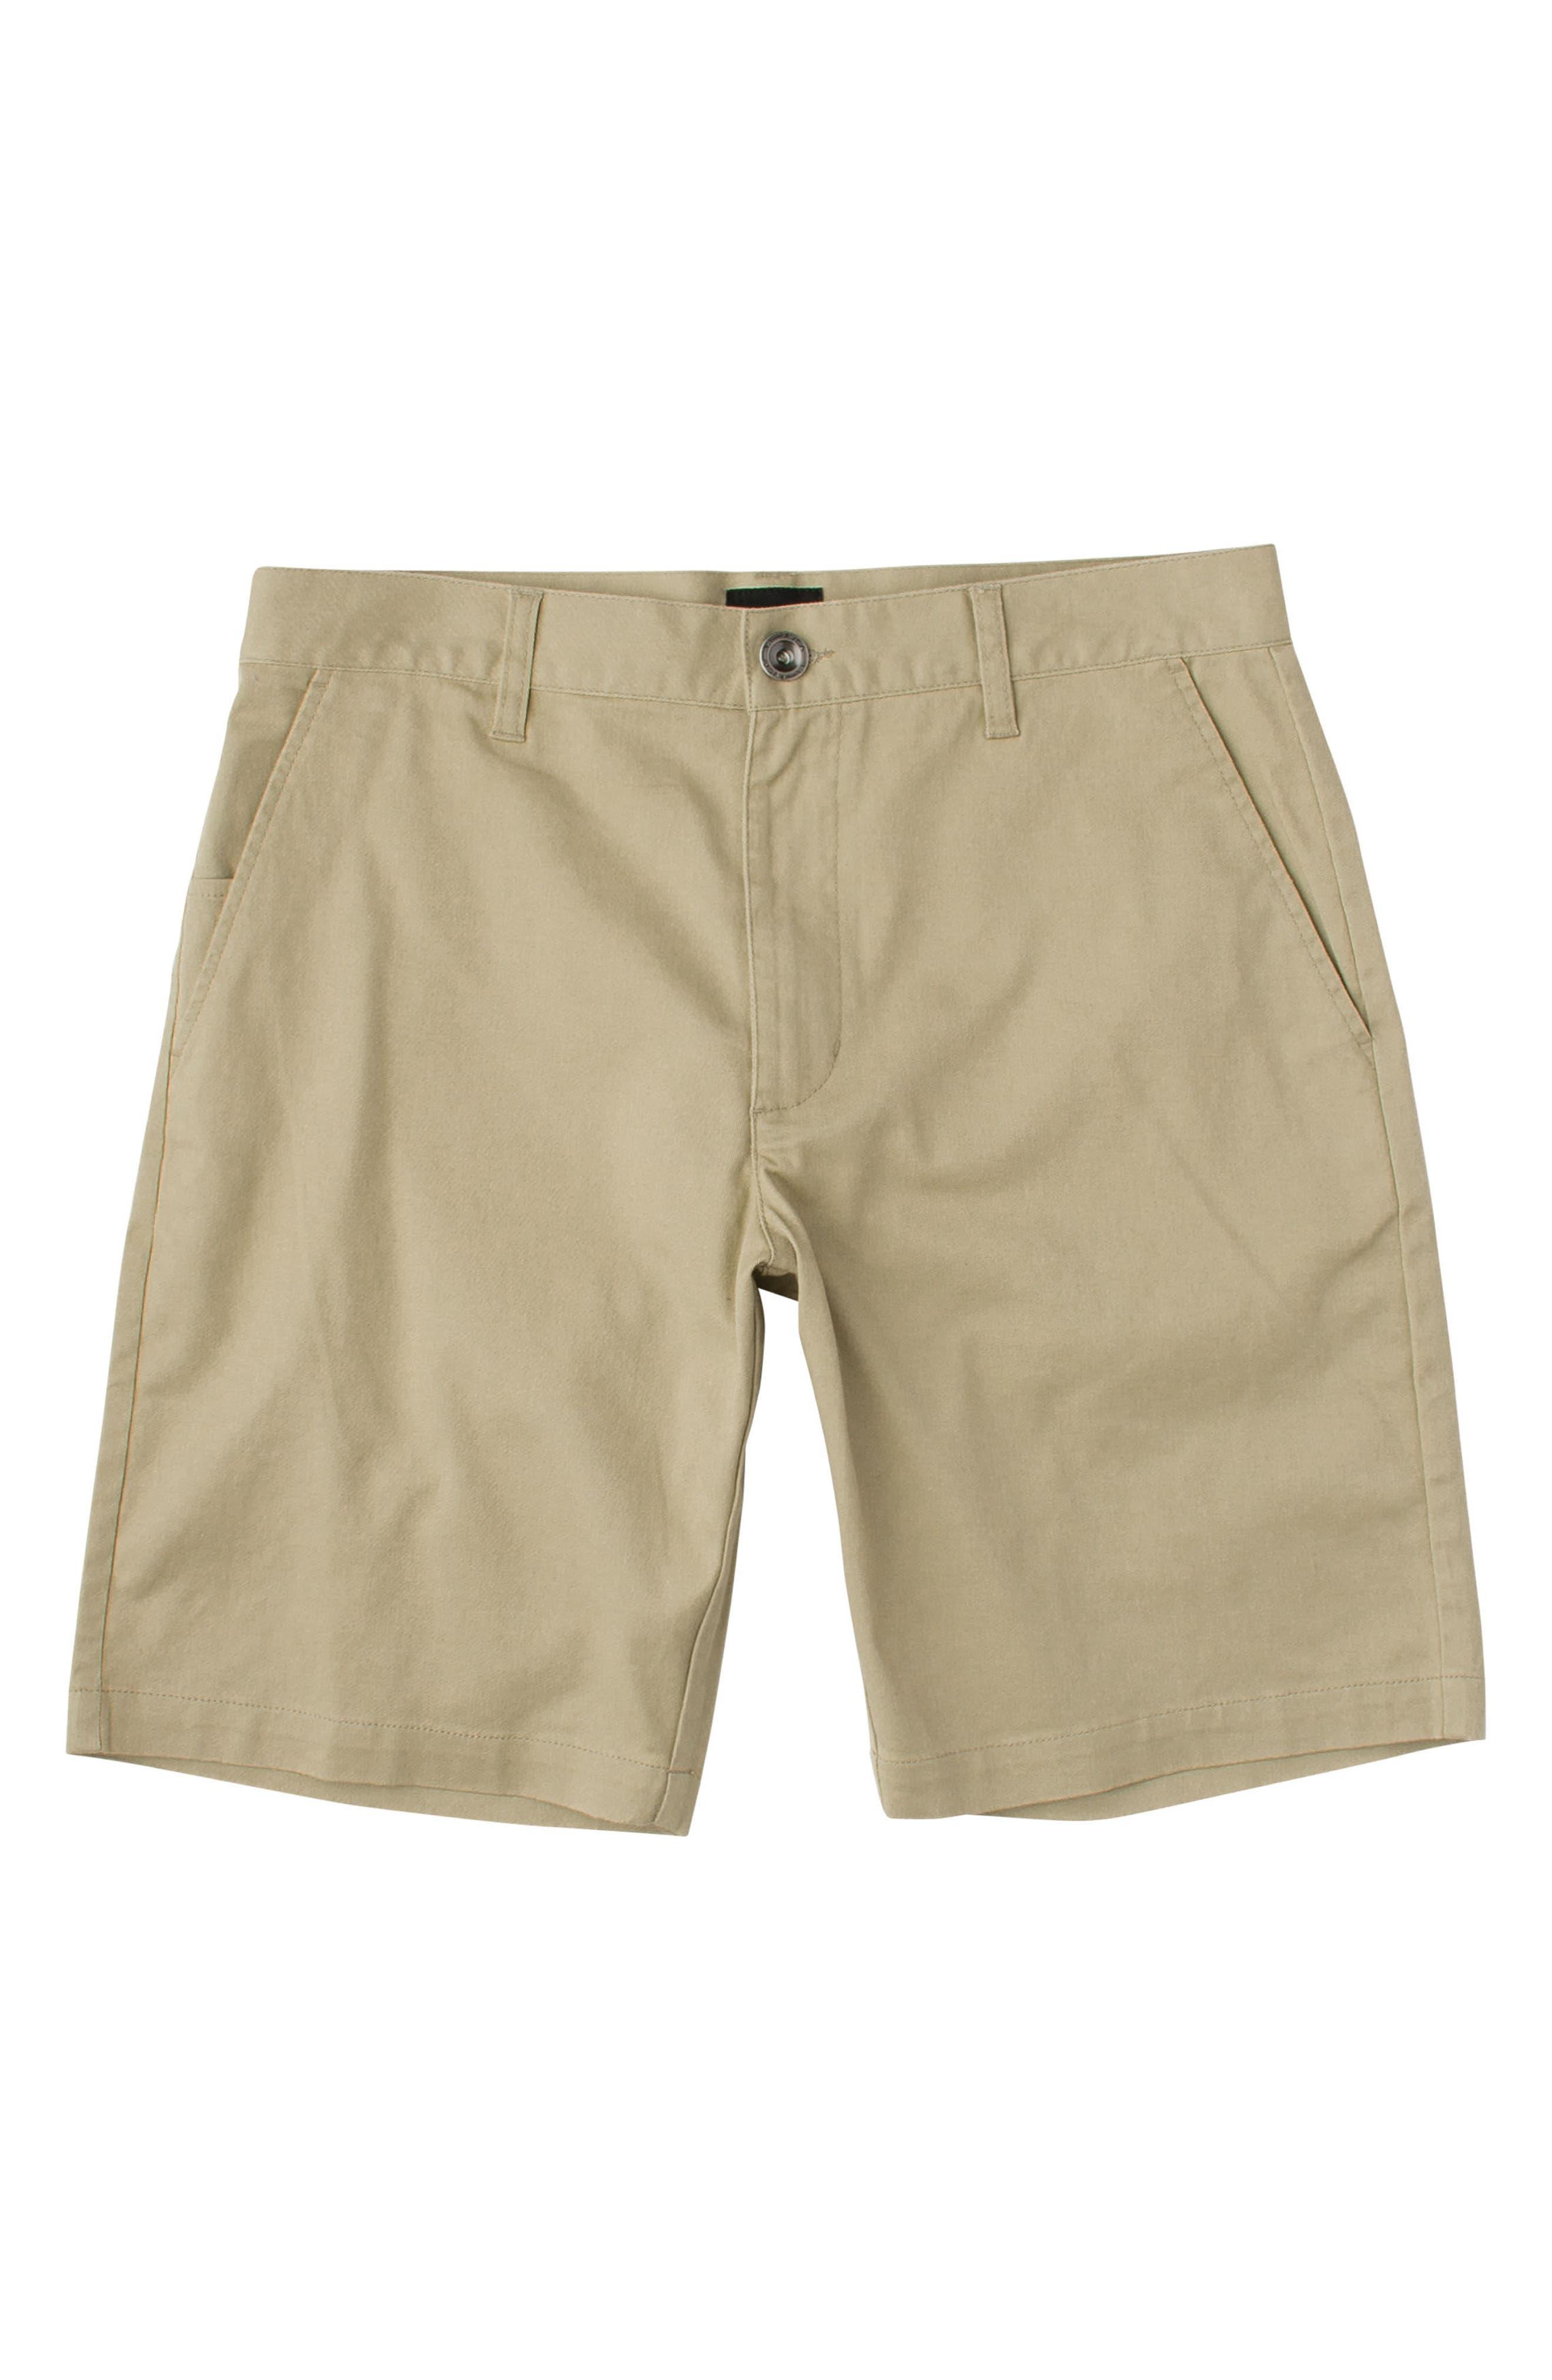 'Weekday' Shorts,                             Main thumbnail 1, color,                             260